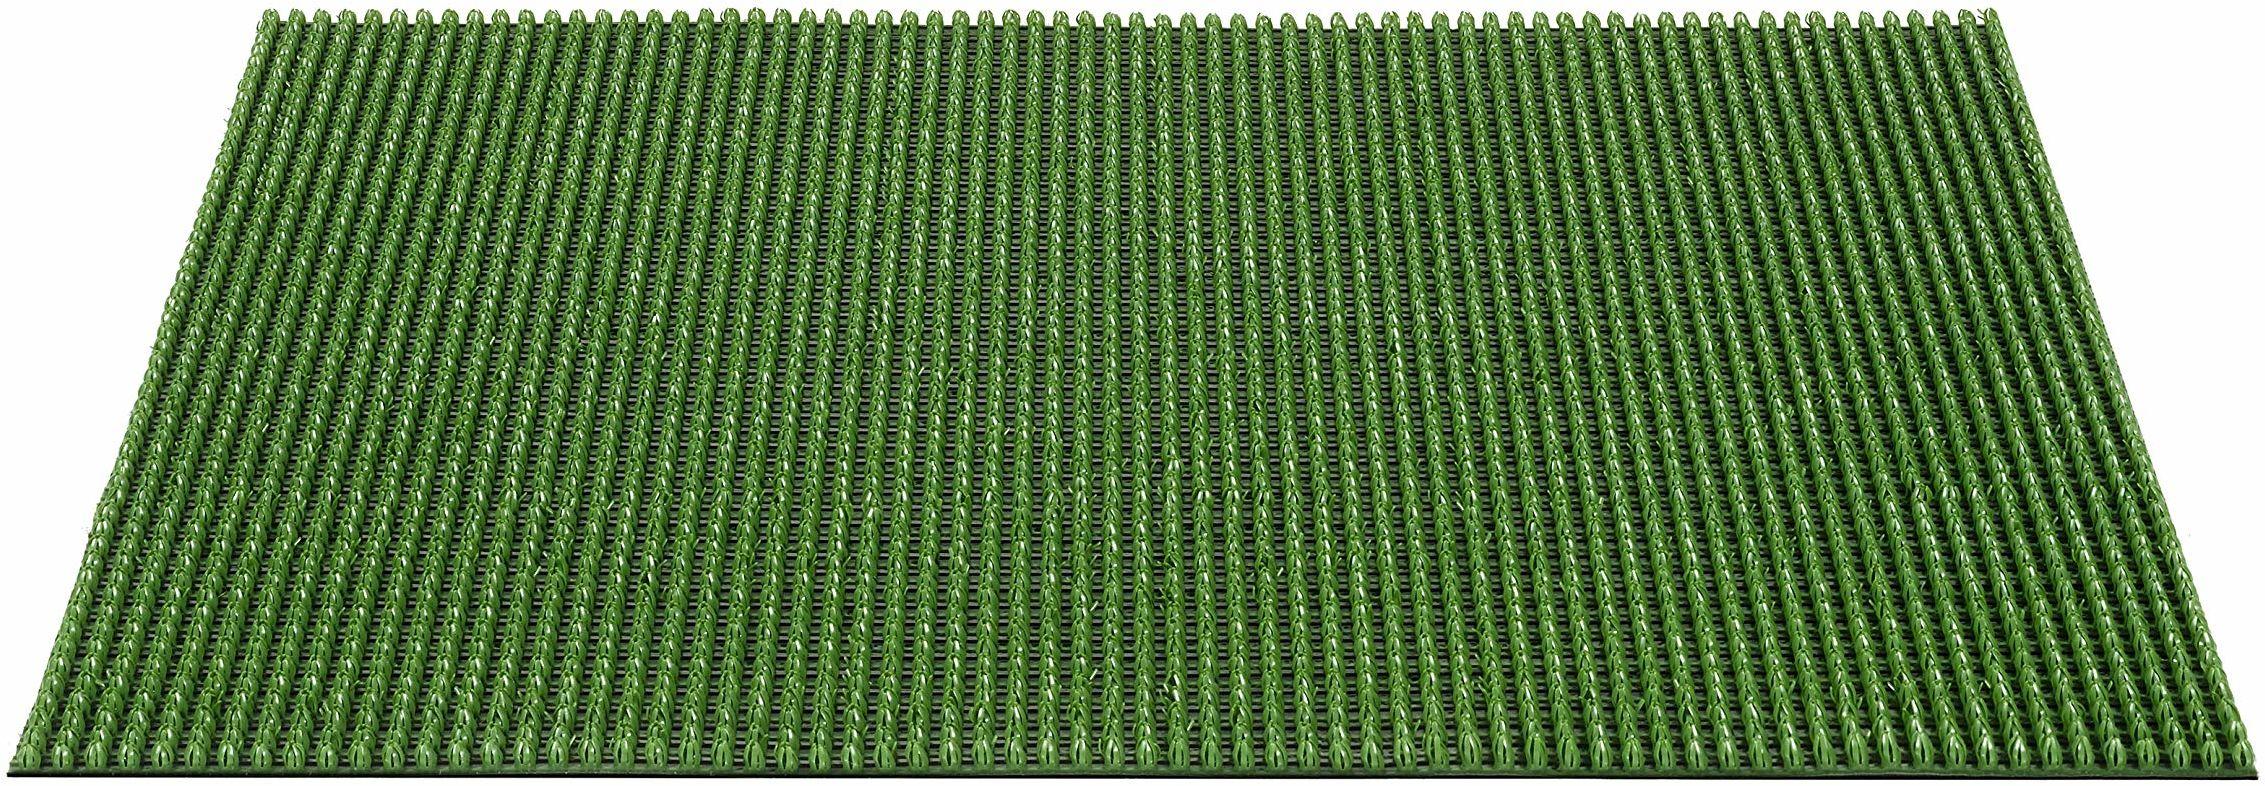 Queens PEethylen na zewnątrz wycieraczka całoroczna, zielona, 60 x 80 cm